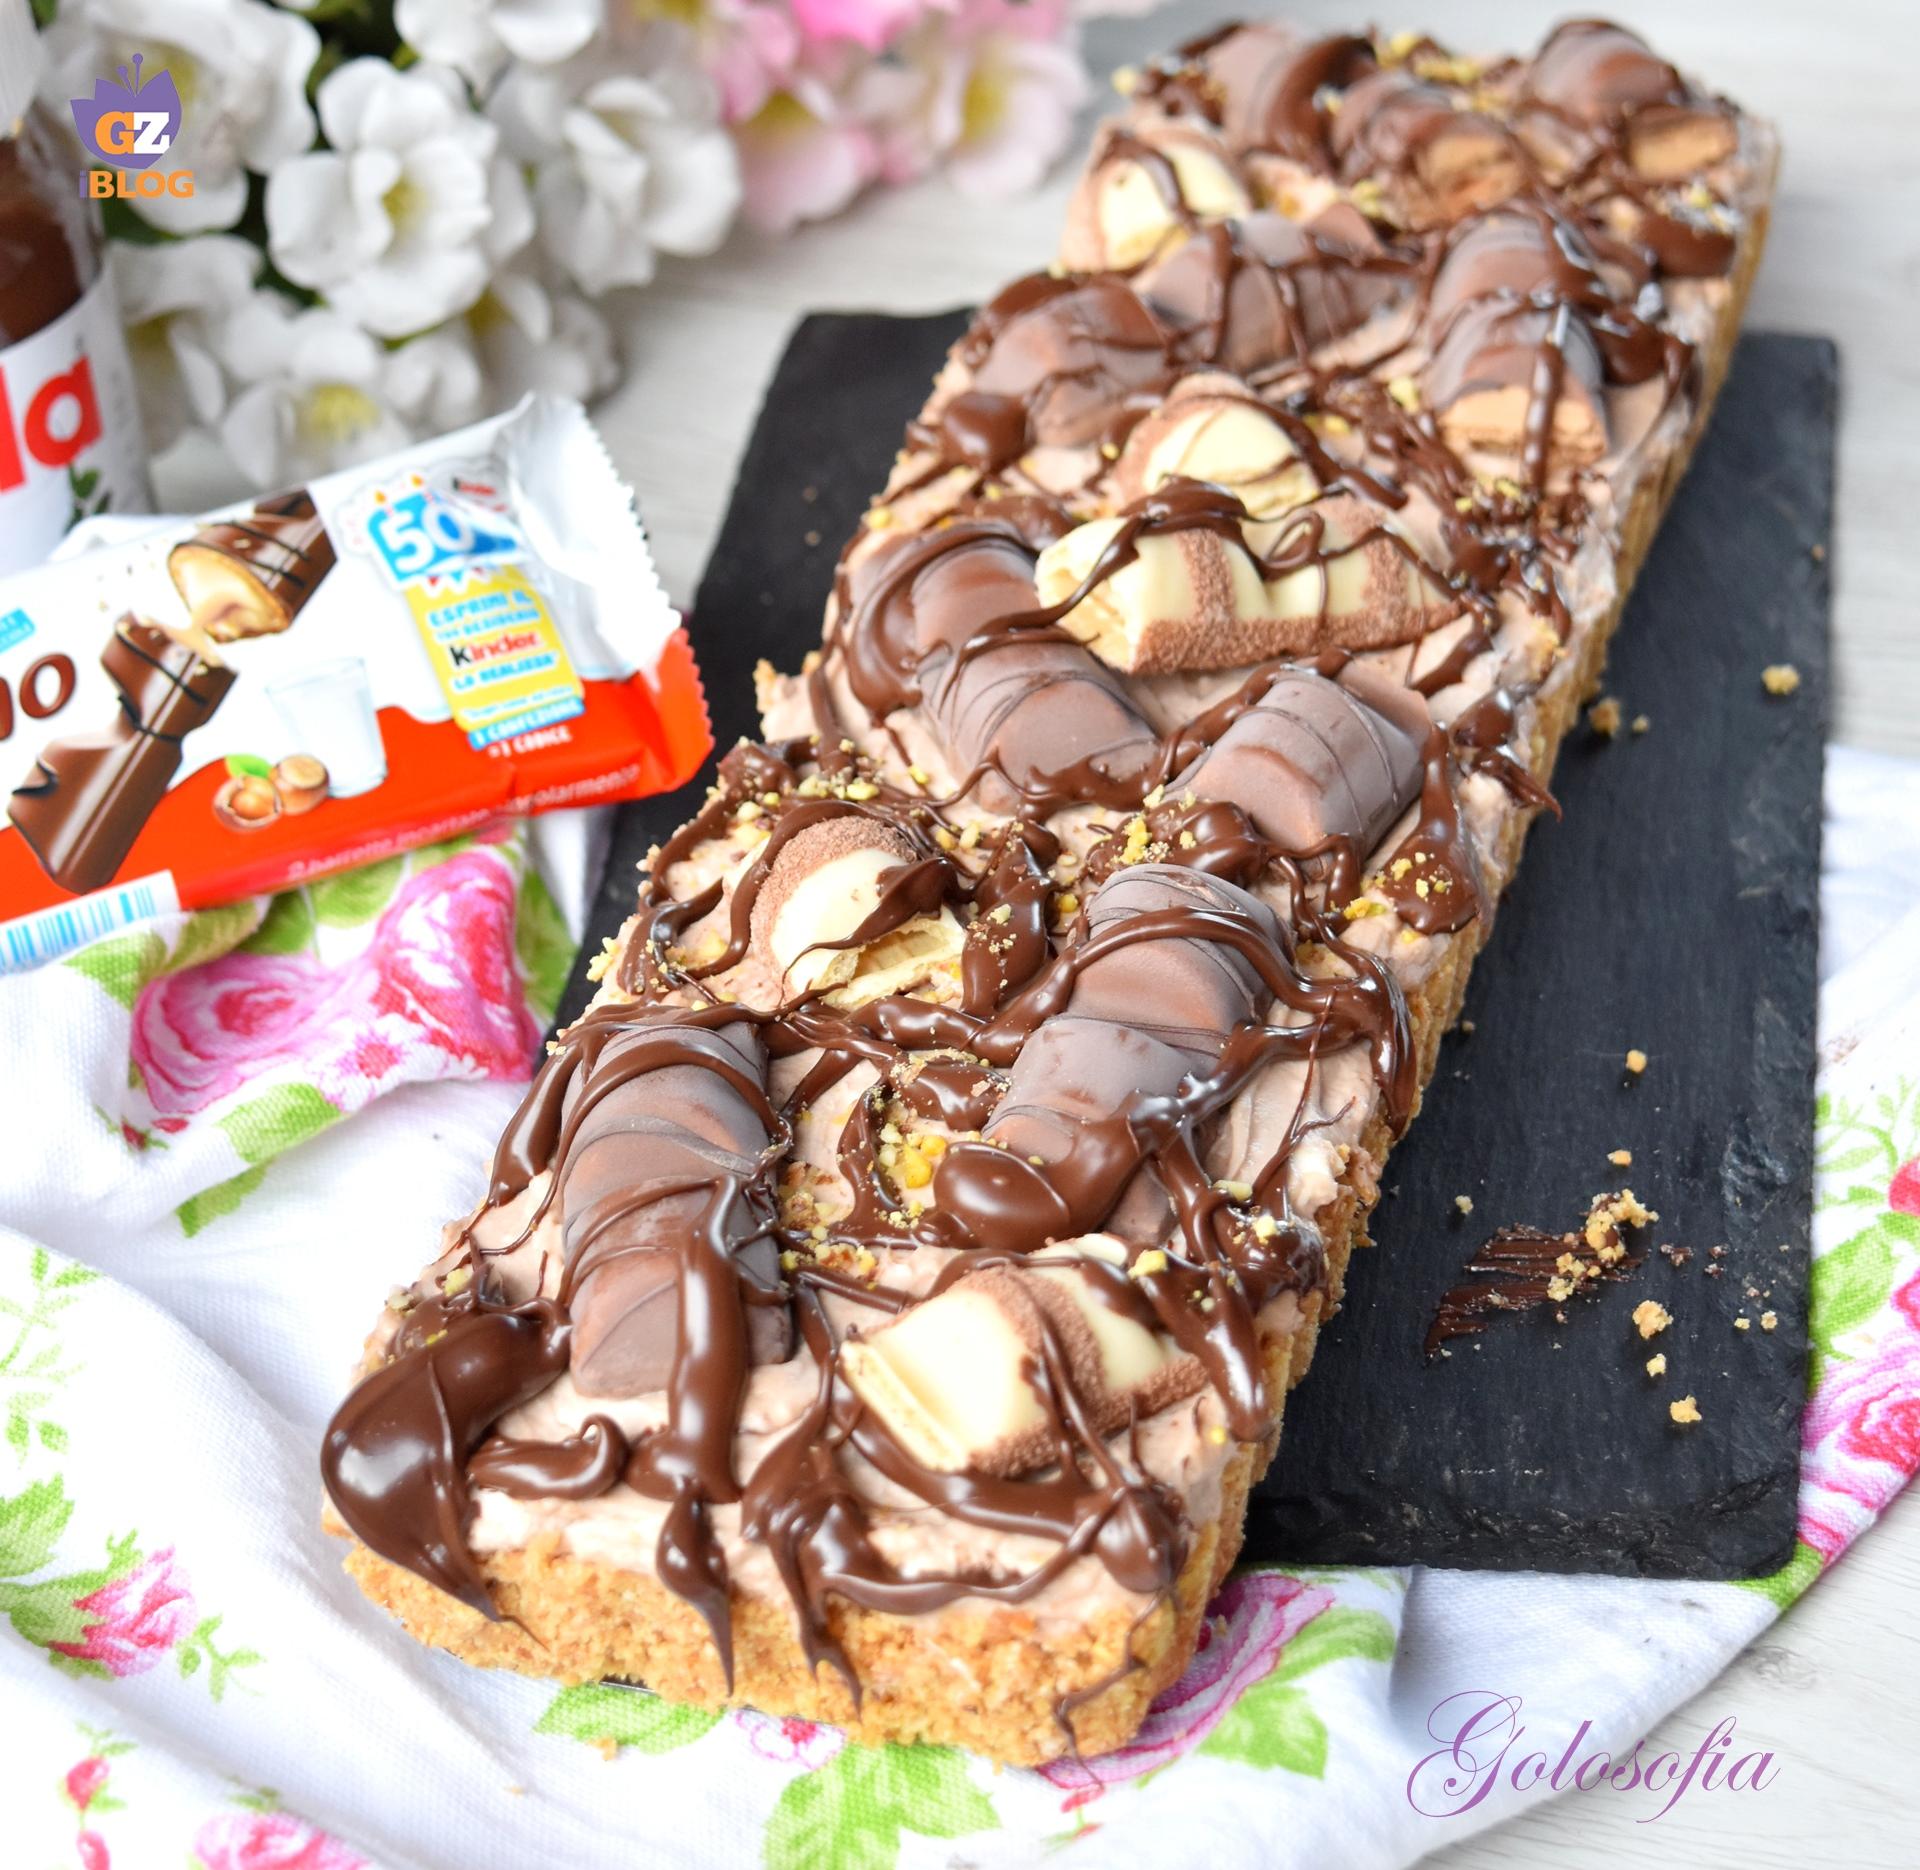 Crostata fredda con kinder bueno e nutella-ricetta dolci-golosofia